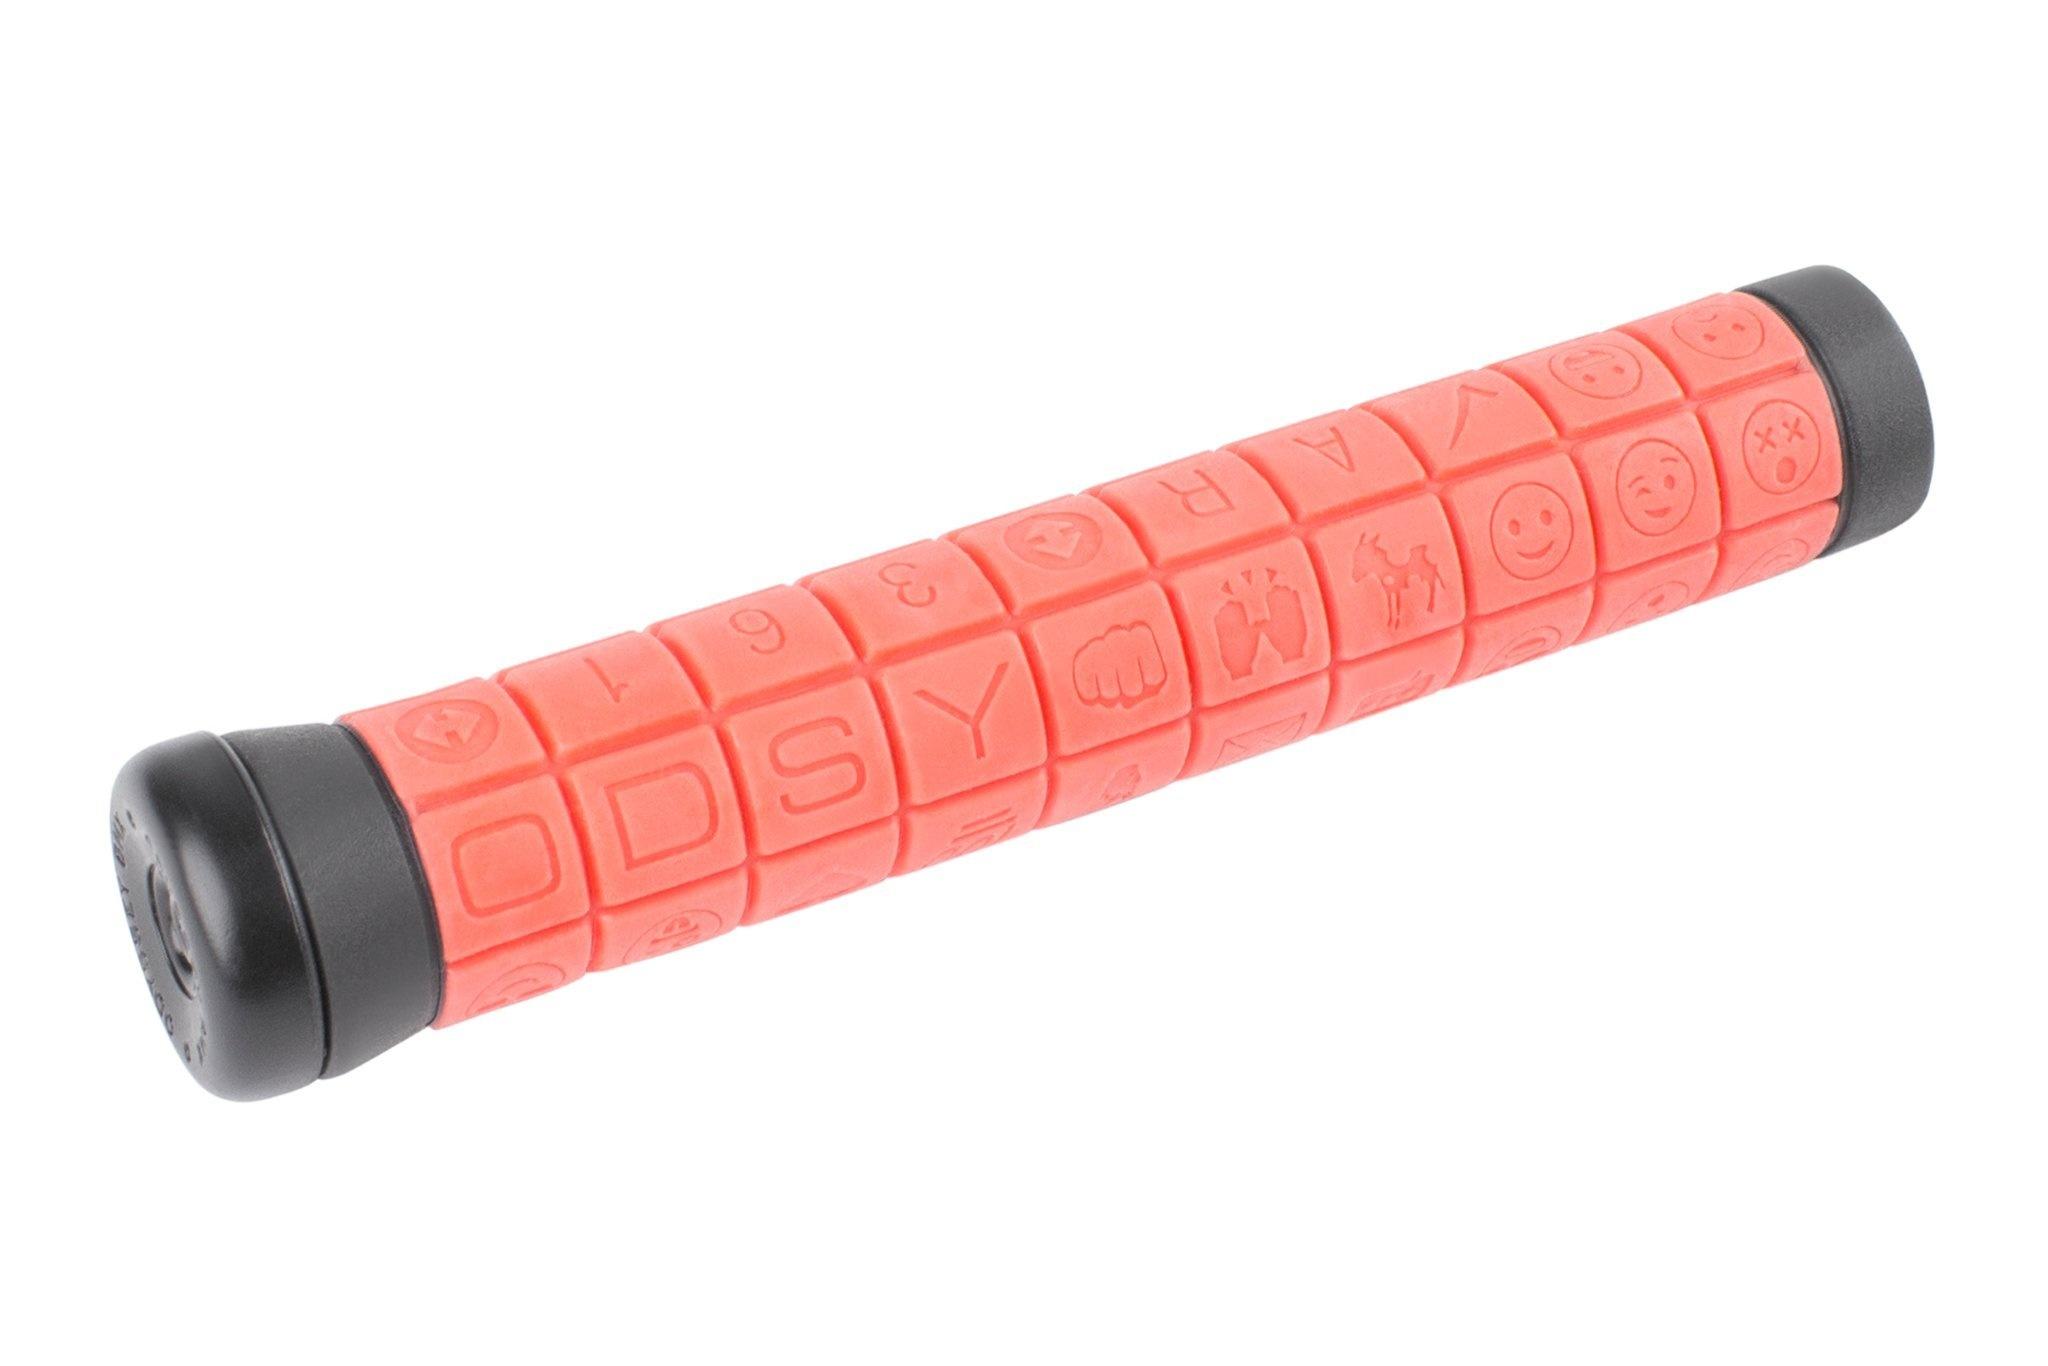 Odyssey Keyboard V2 Grips